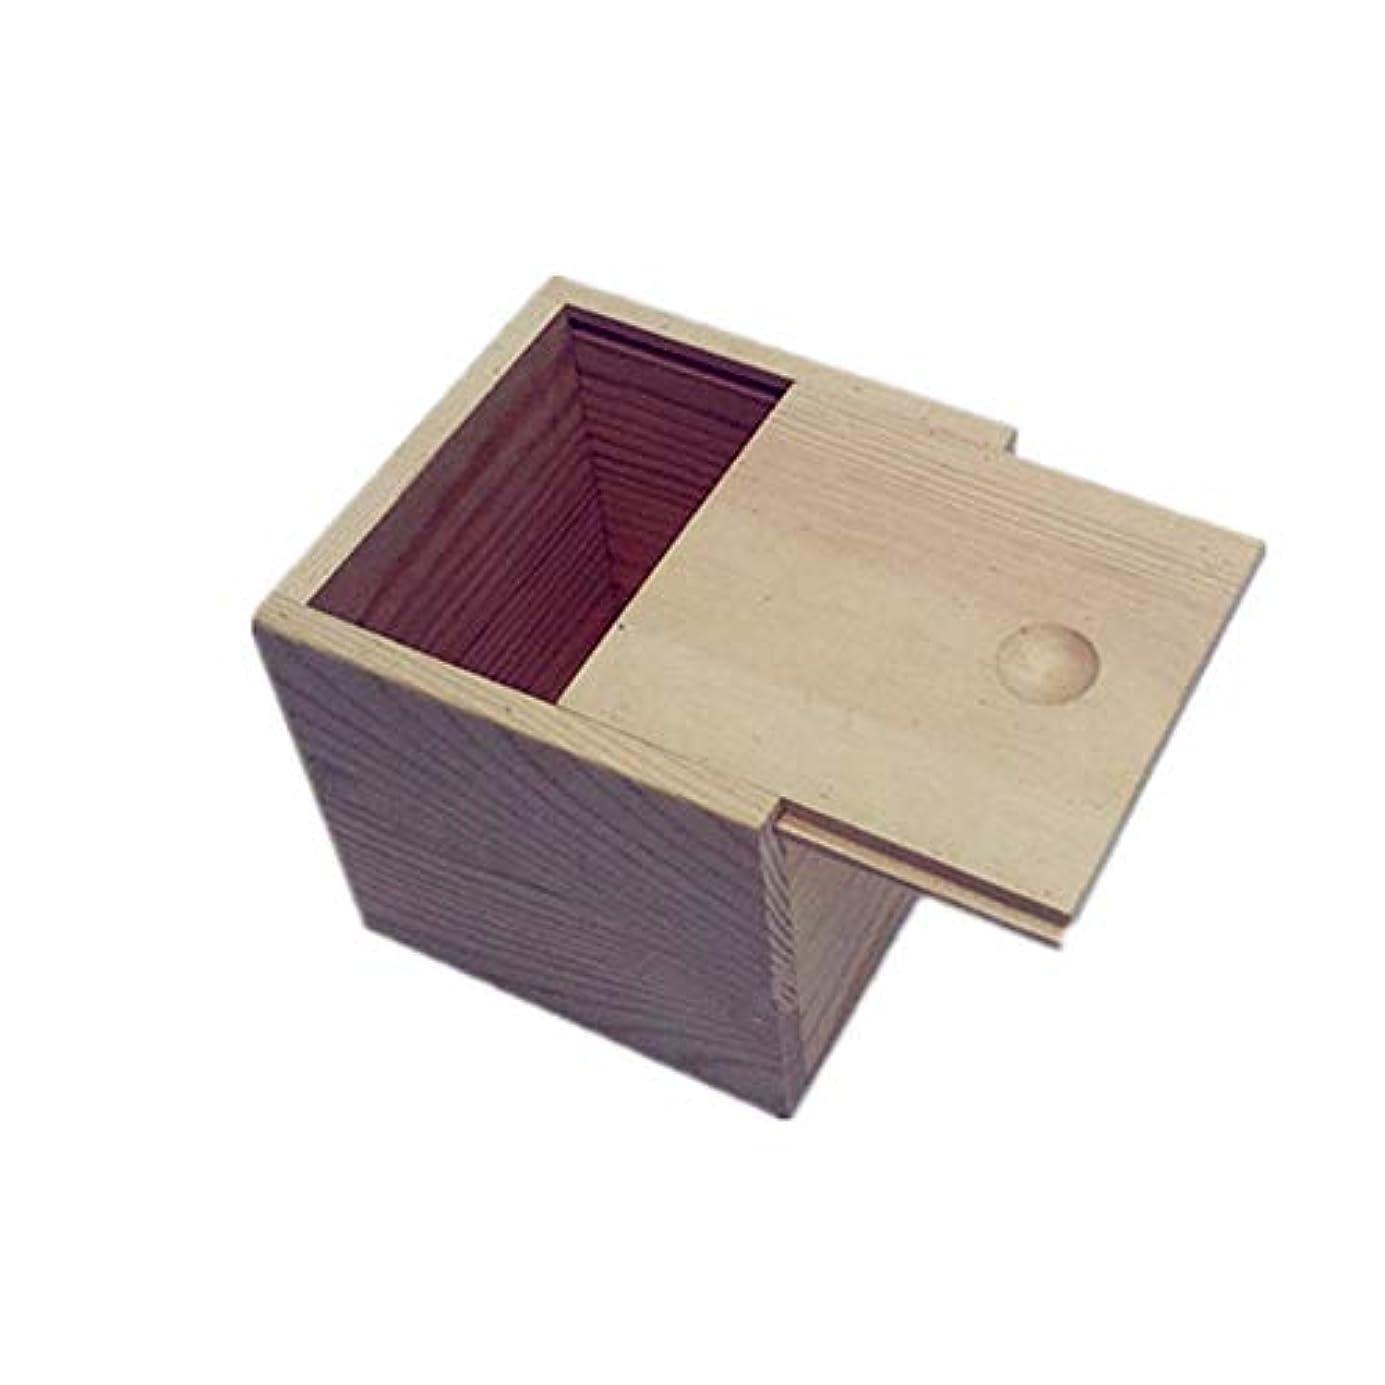 ベールセンサー熱心木製のエッセンシャルオイルストレージボックス安全なスペースセーバーあなたの油を維持するためのベスト アロマセラピー製品 (色 : Natural, サイズ : 9X9X5CM)